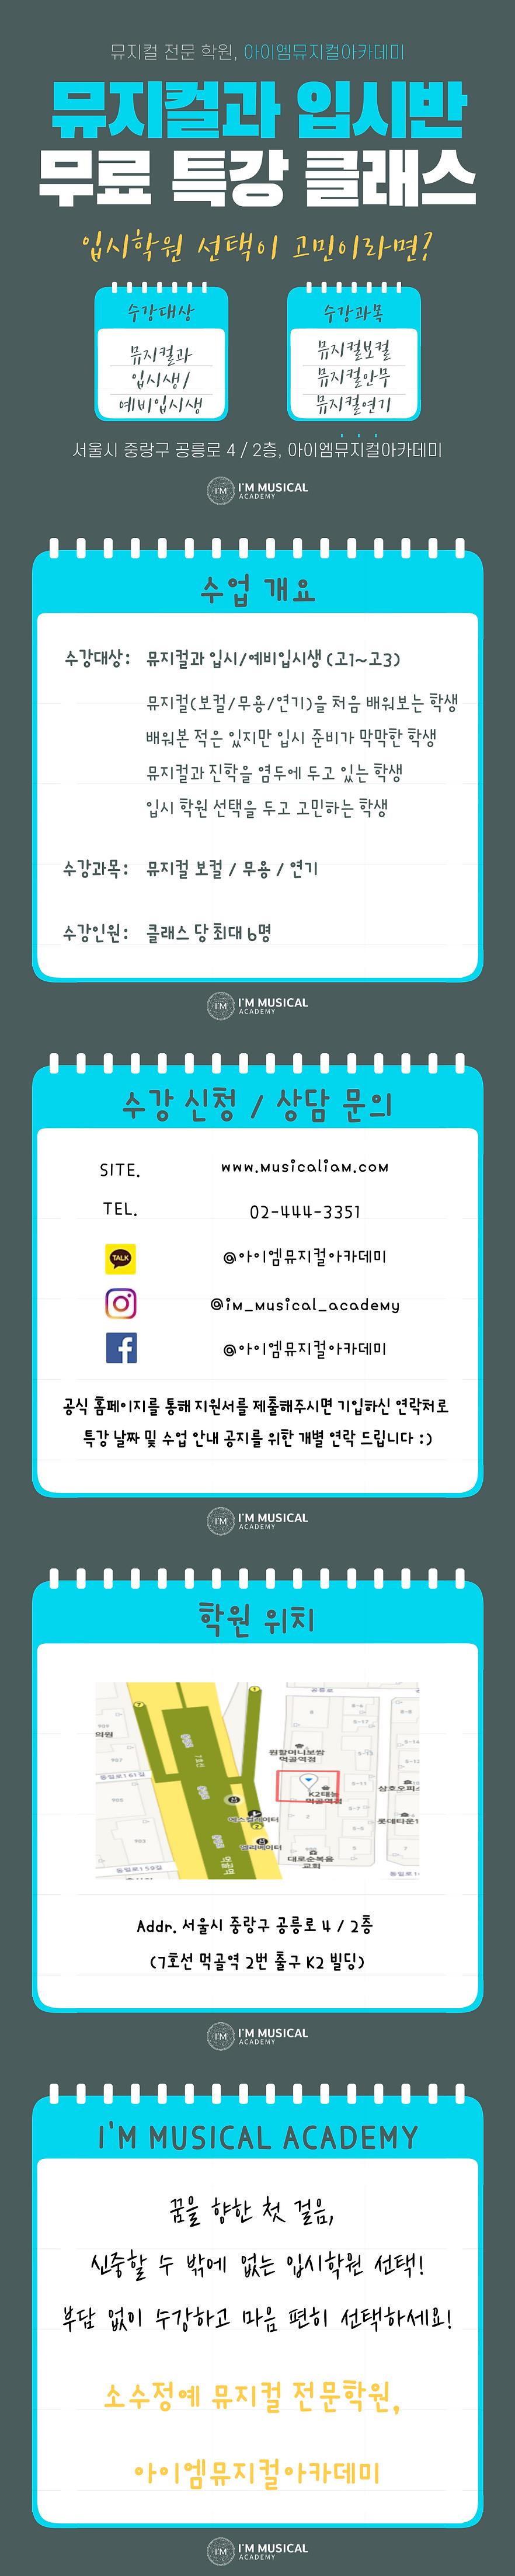 뮤지컬과-입시반-무료-특강-클래스.png